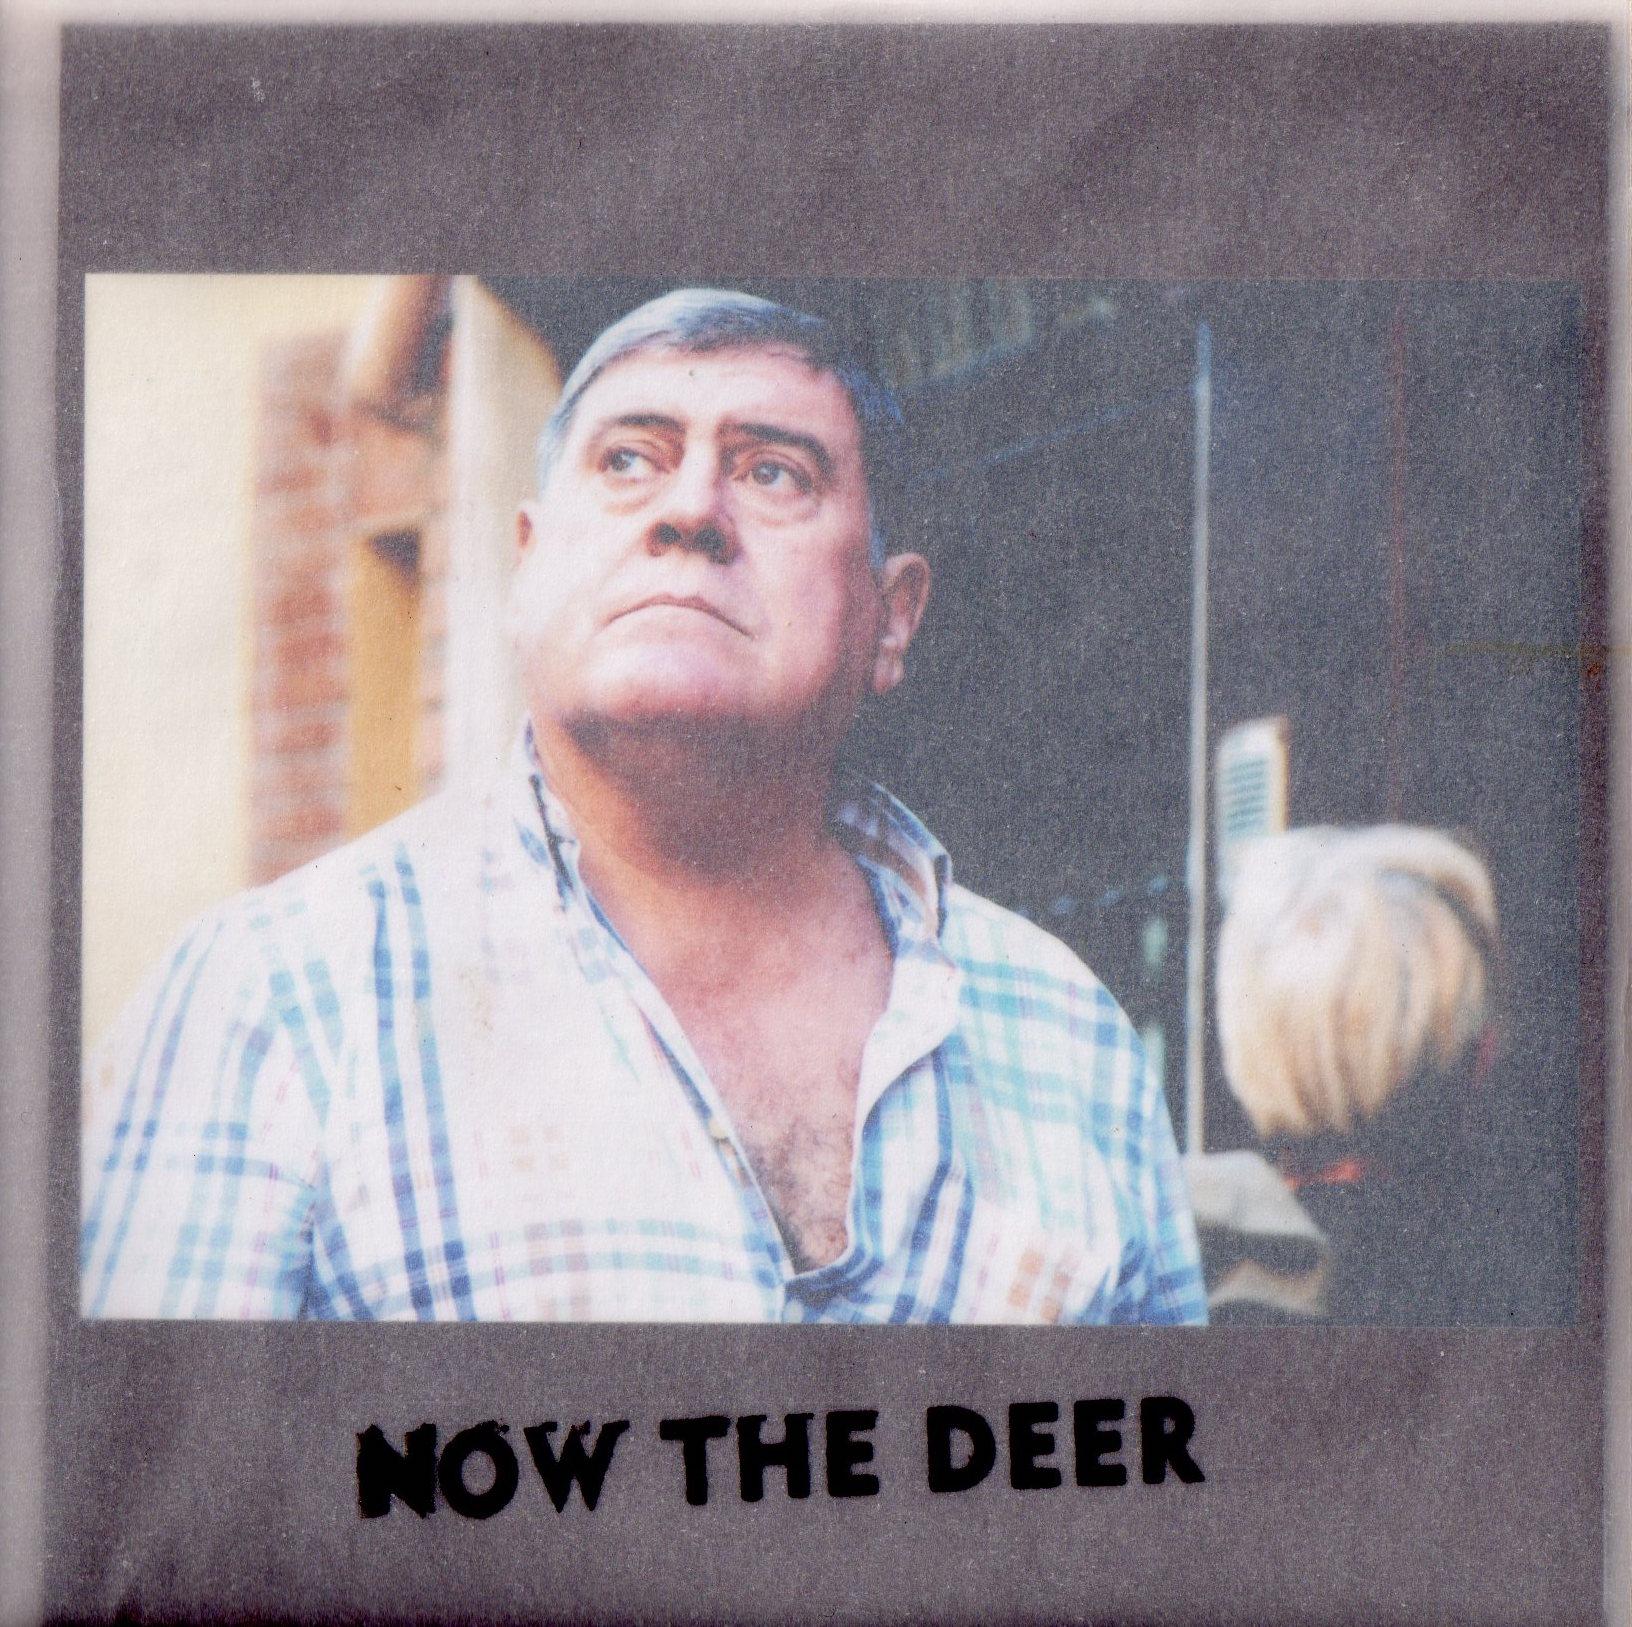 Now The Deer